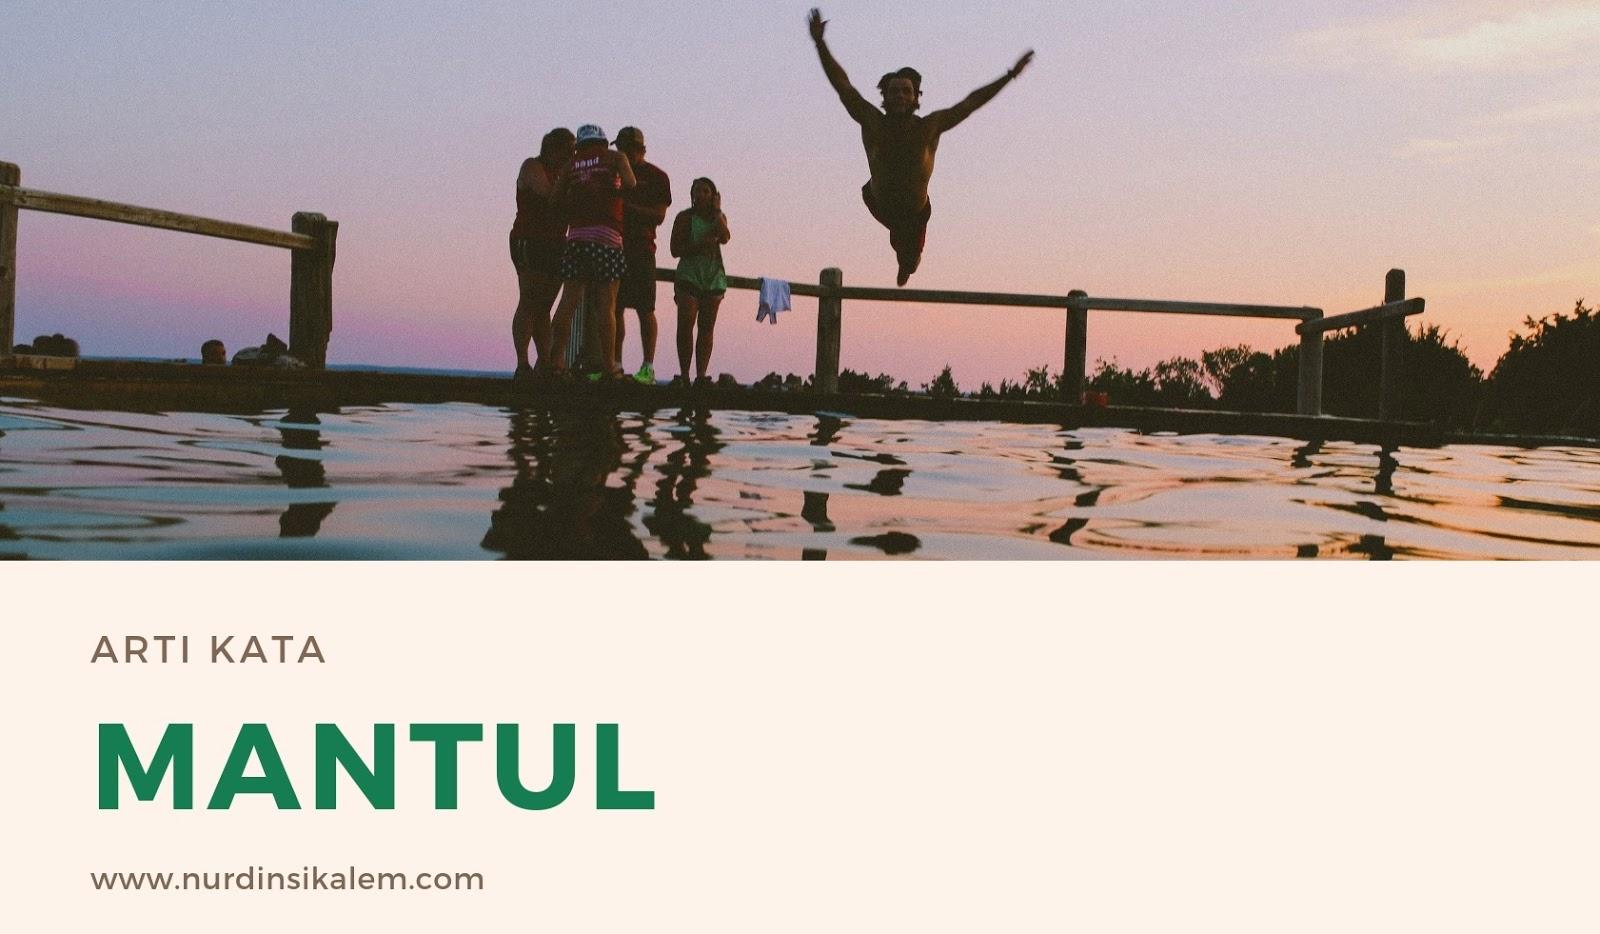 Istilah mantul bahasa gaul